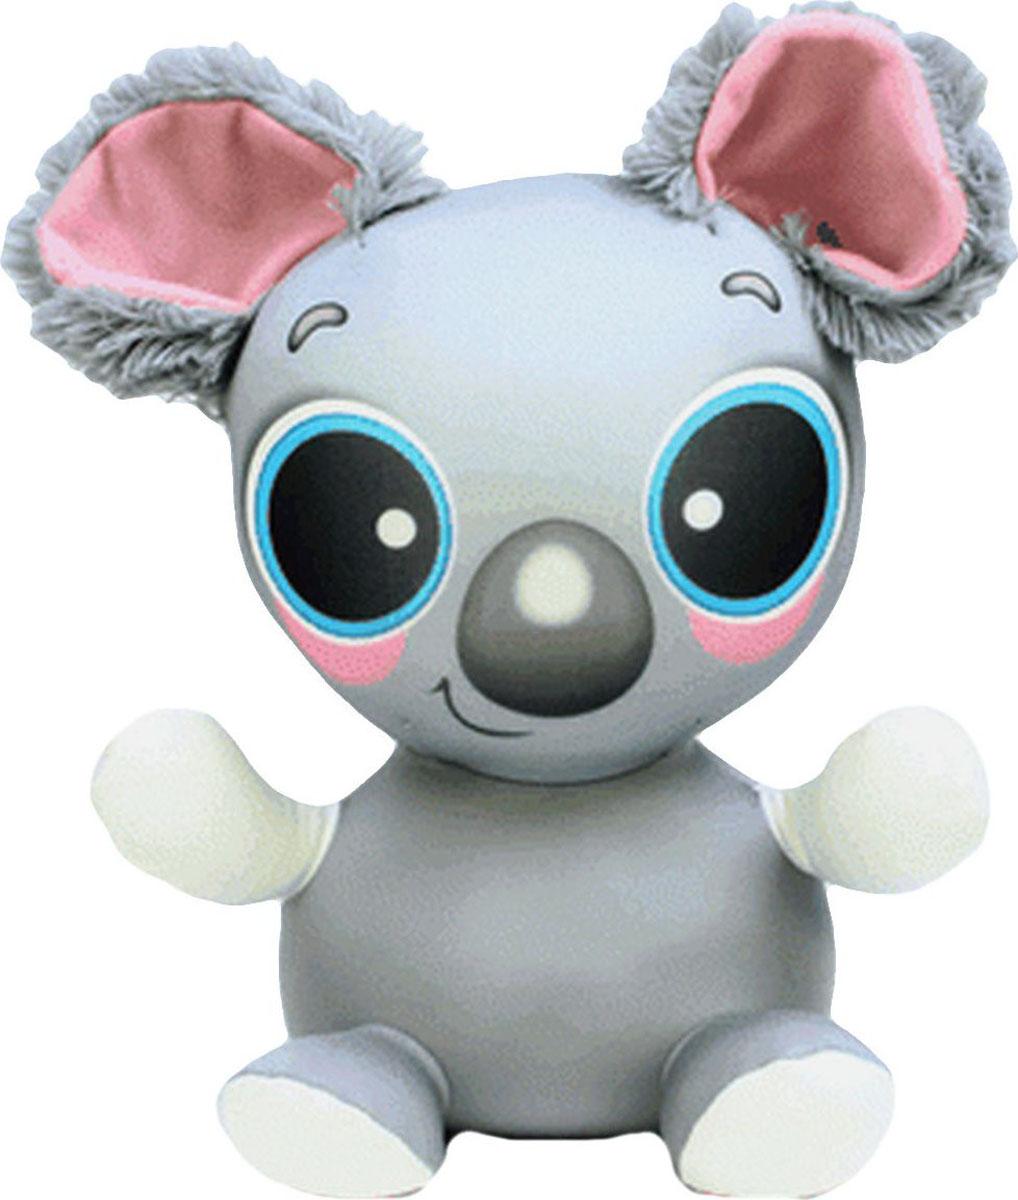 Подушка-игрушка антистрессовая Анимашки. Мышонок, серый